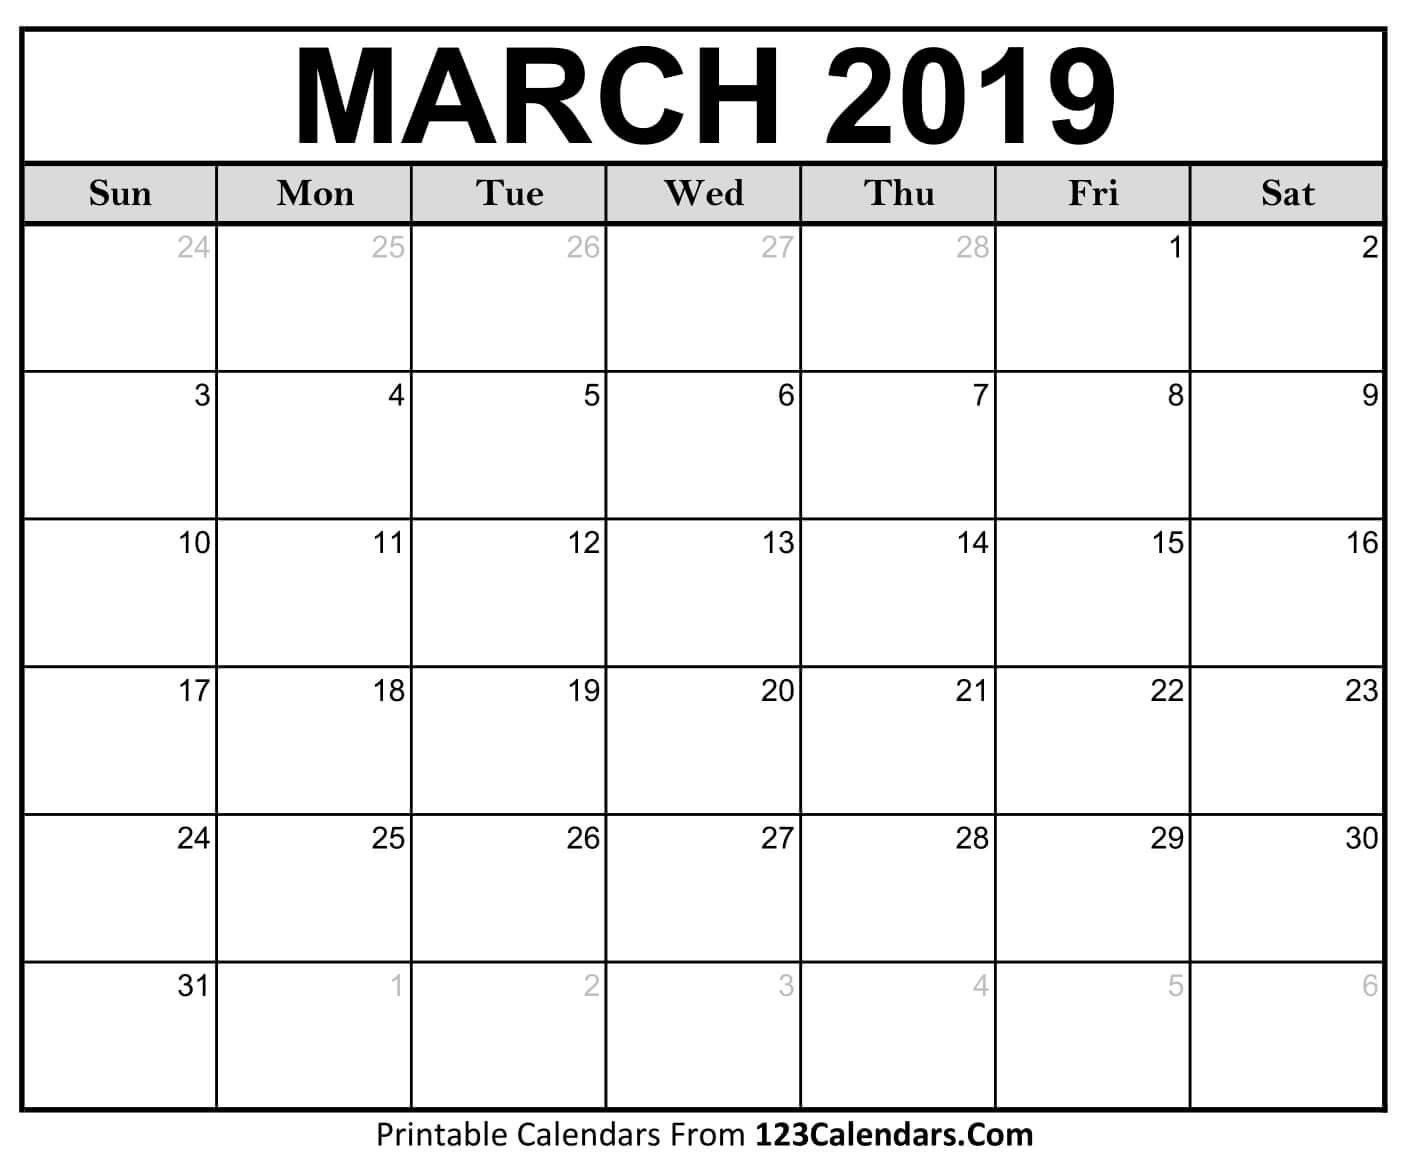 Printable March 2019 Calendar Templates - 123Calendars Calendar 2019 March Printable